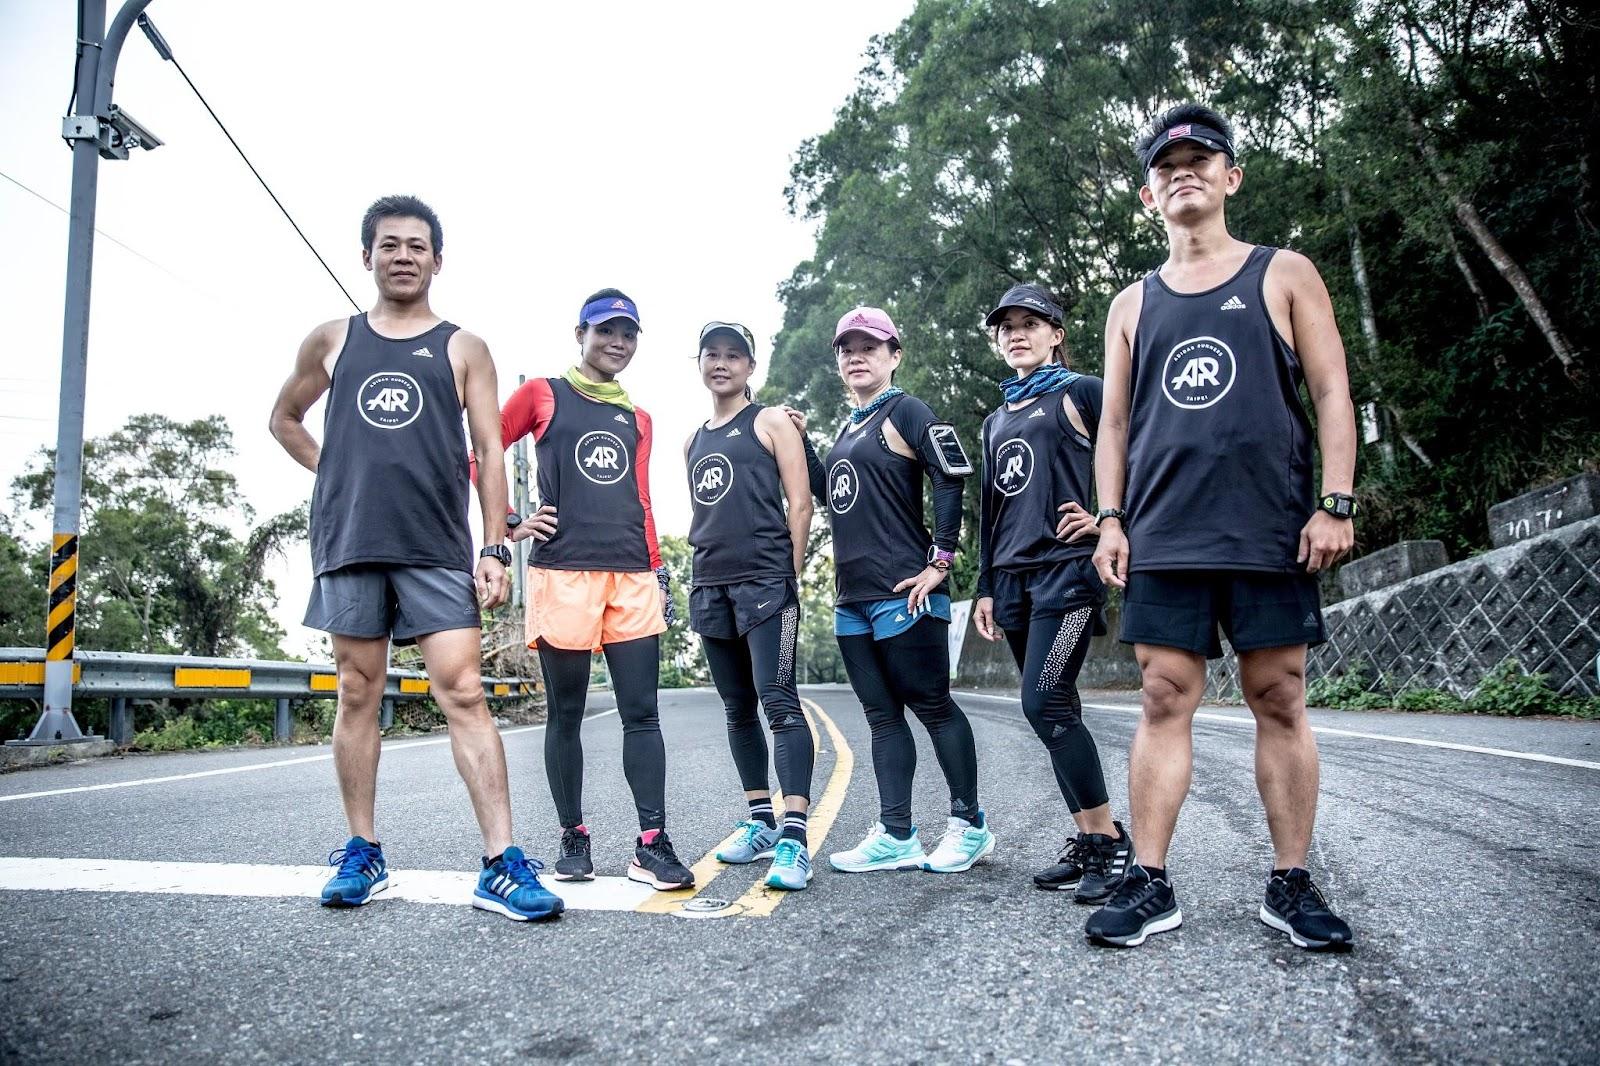 【跑團故事】adidas runners 最簡單的跑步理由 LDS 超馬團之彰化跑跑團